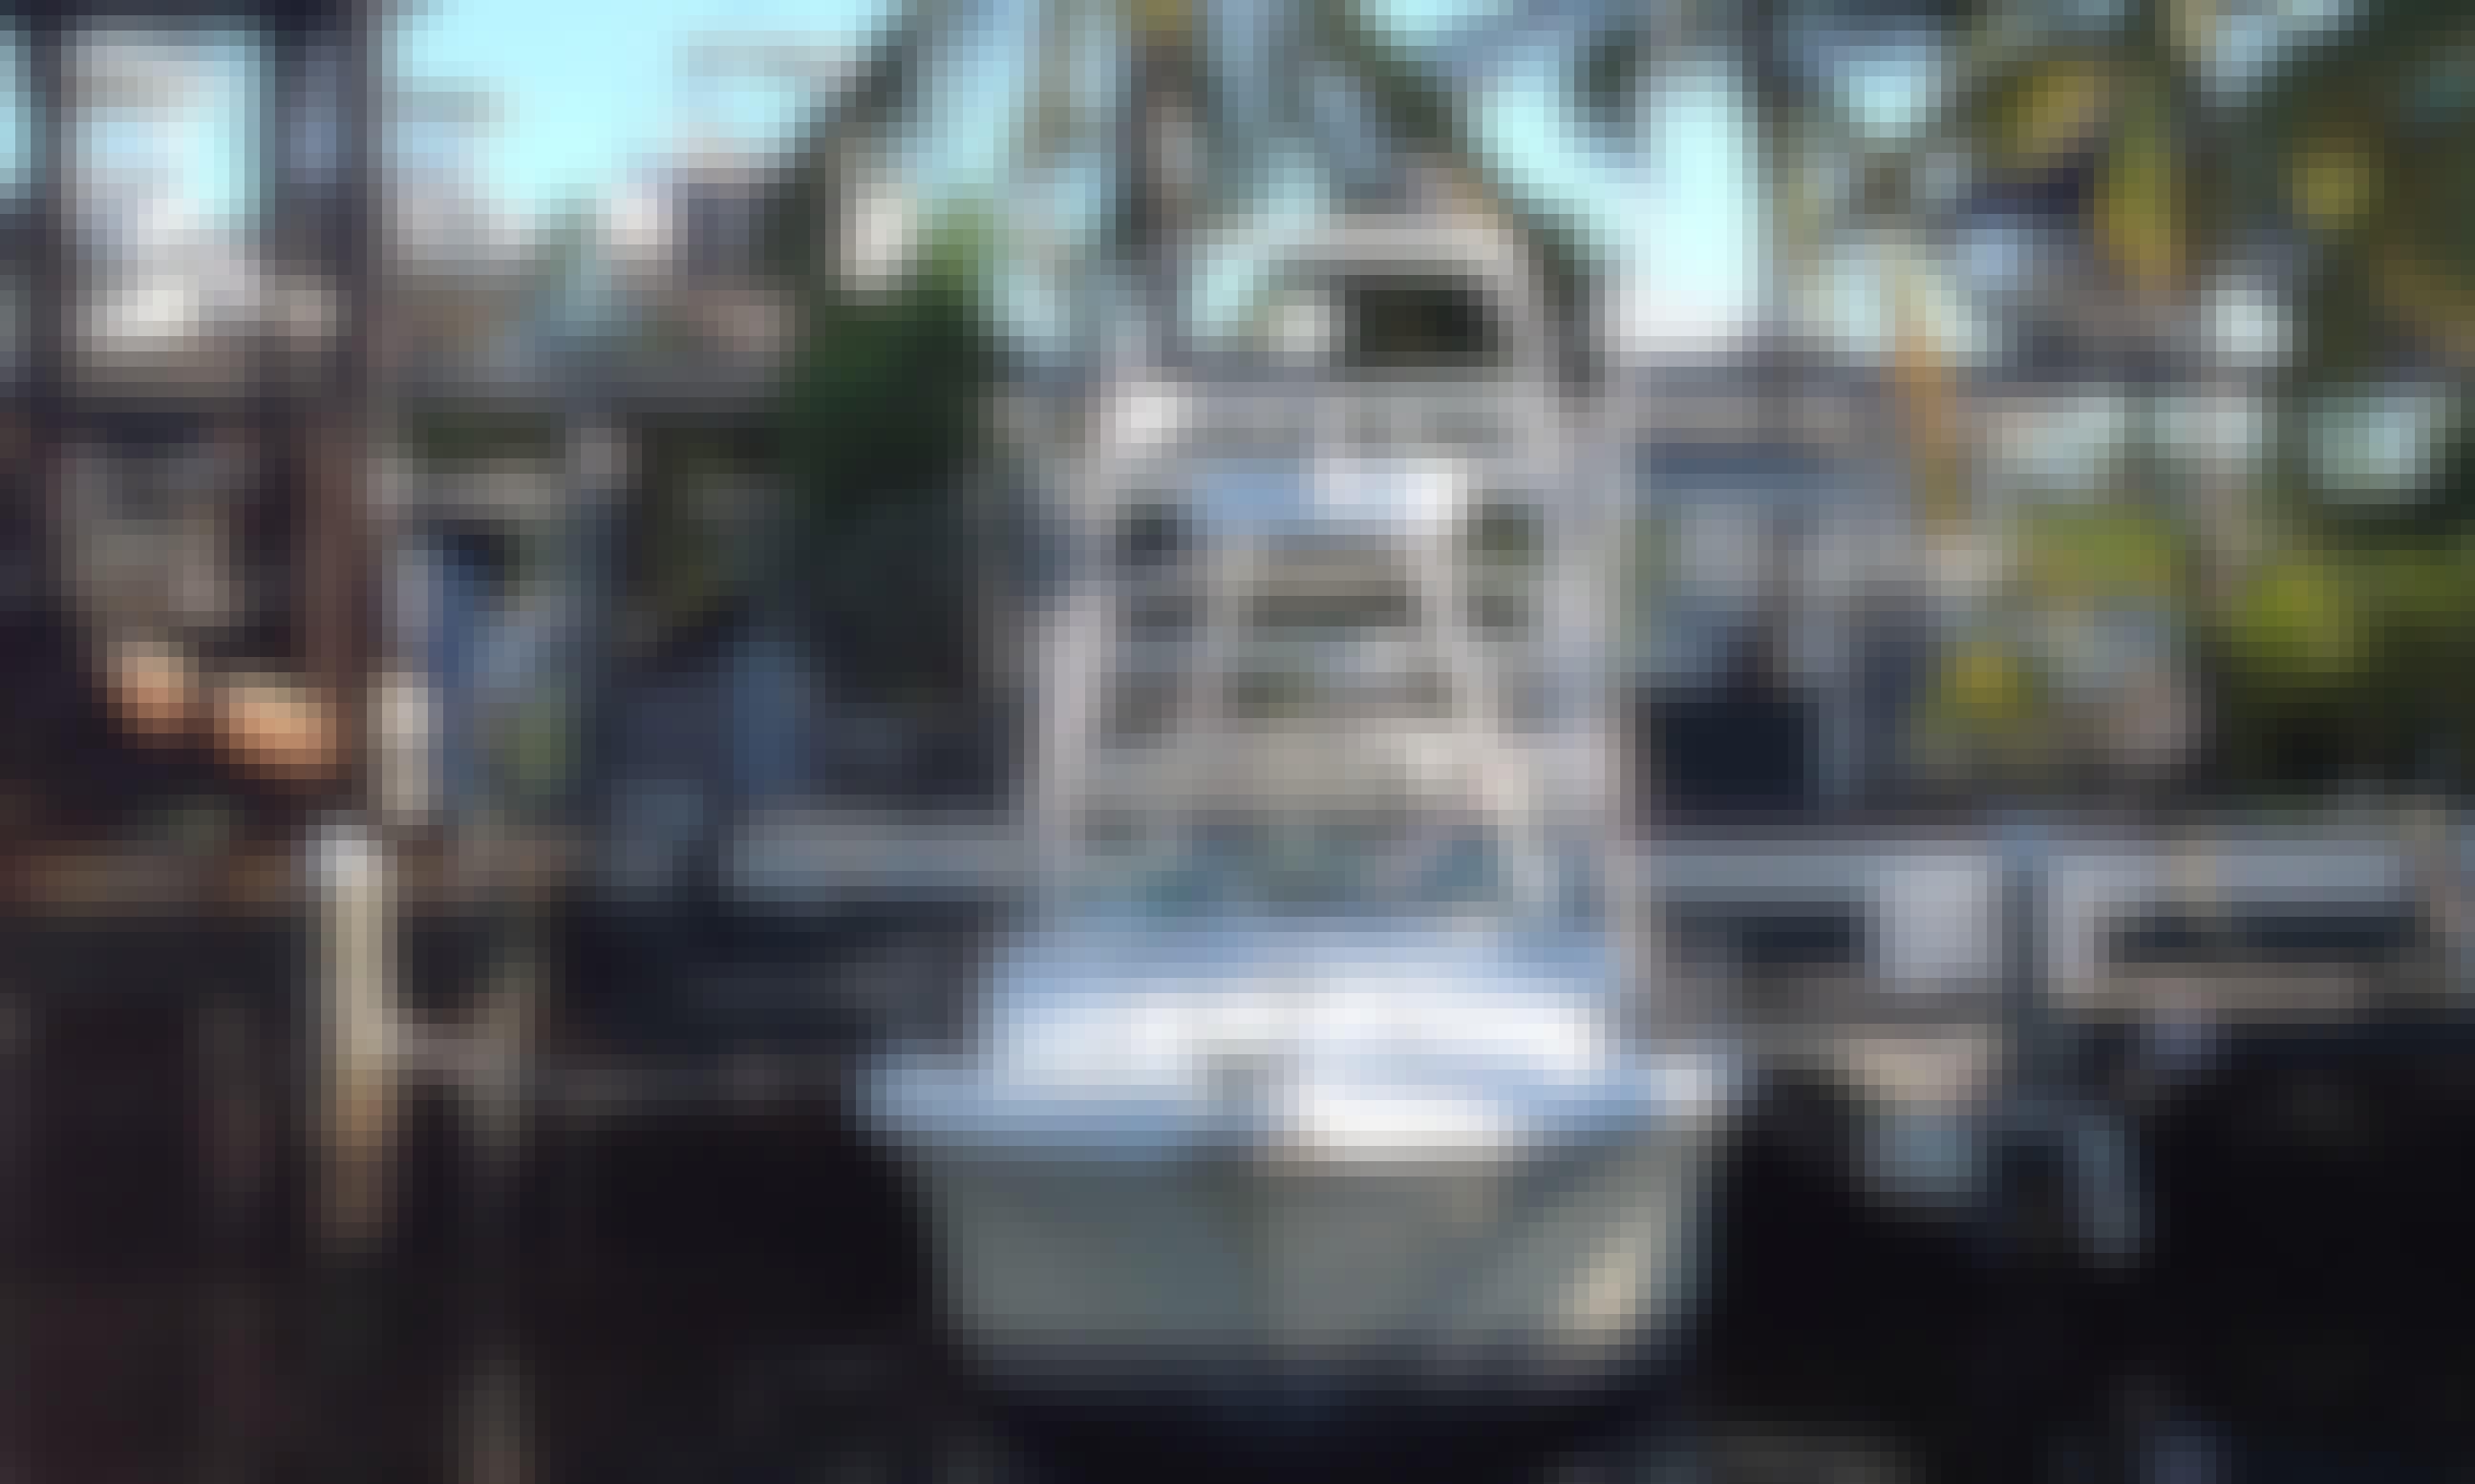 Motor Yacht rental in Key Largo